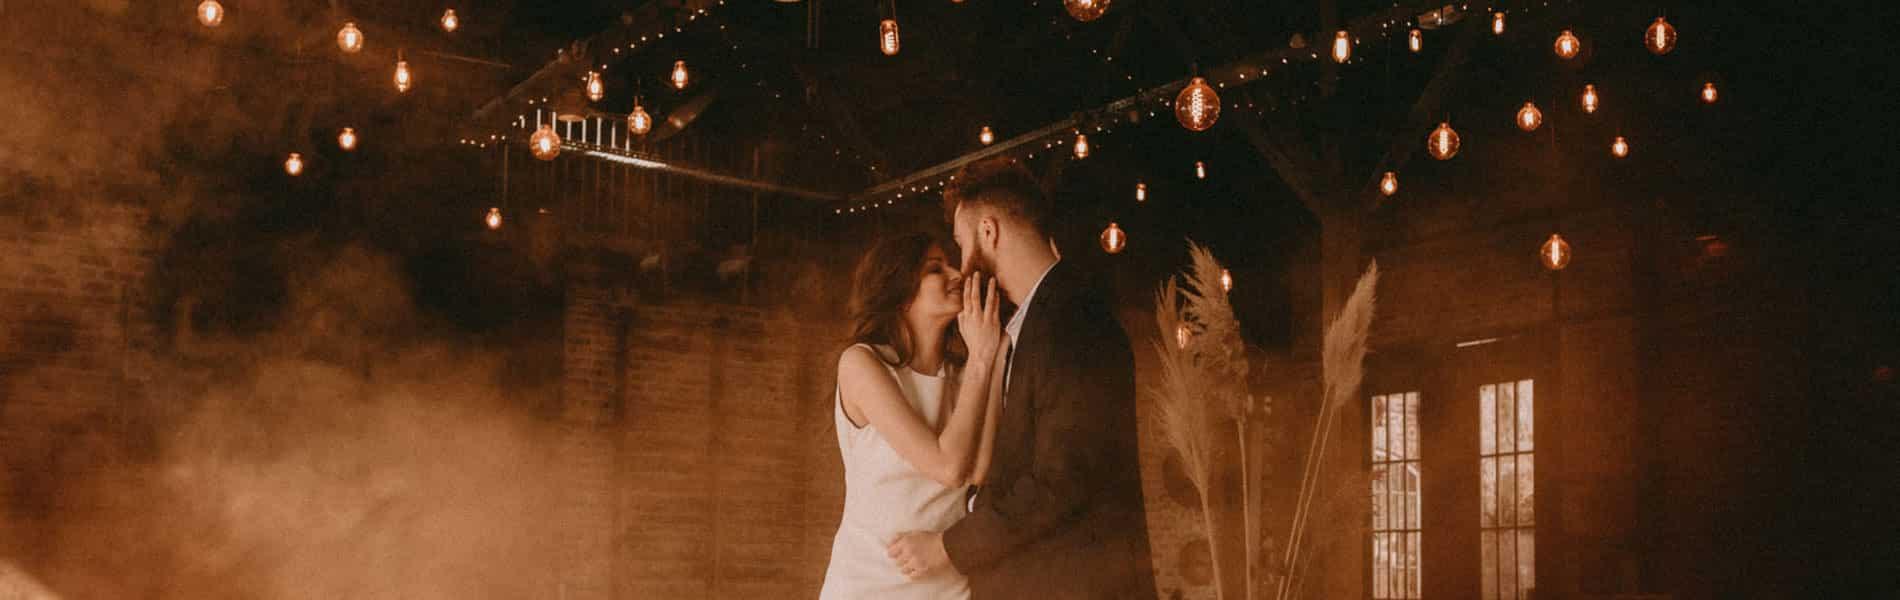 ceremonie de mariage andernos